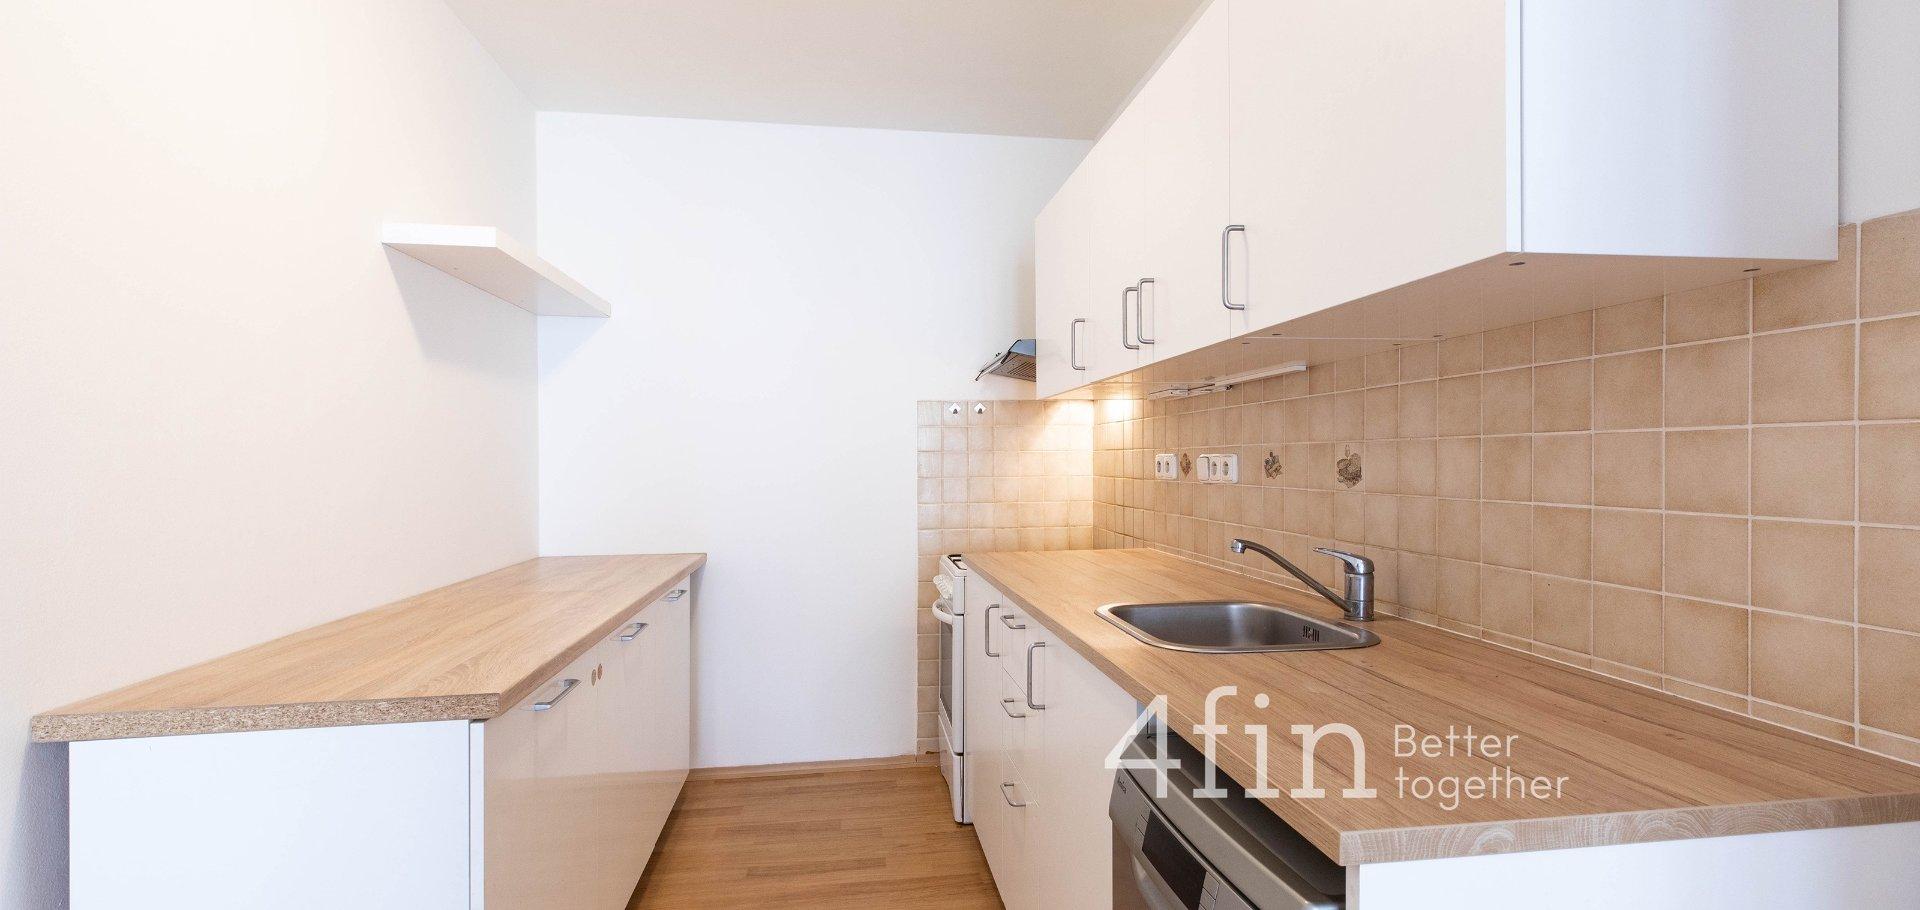 Pronájem zrekonstruovaného bytu 3+kk, 80m² s lodžií a sklepem - Praha - Žižkov - Lupáčova